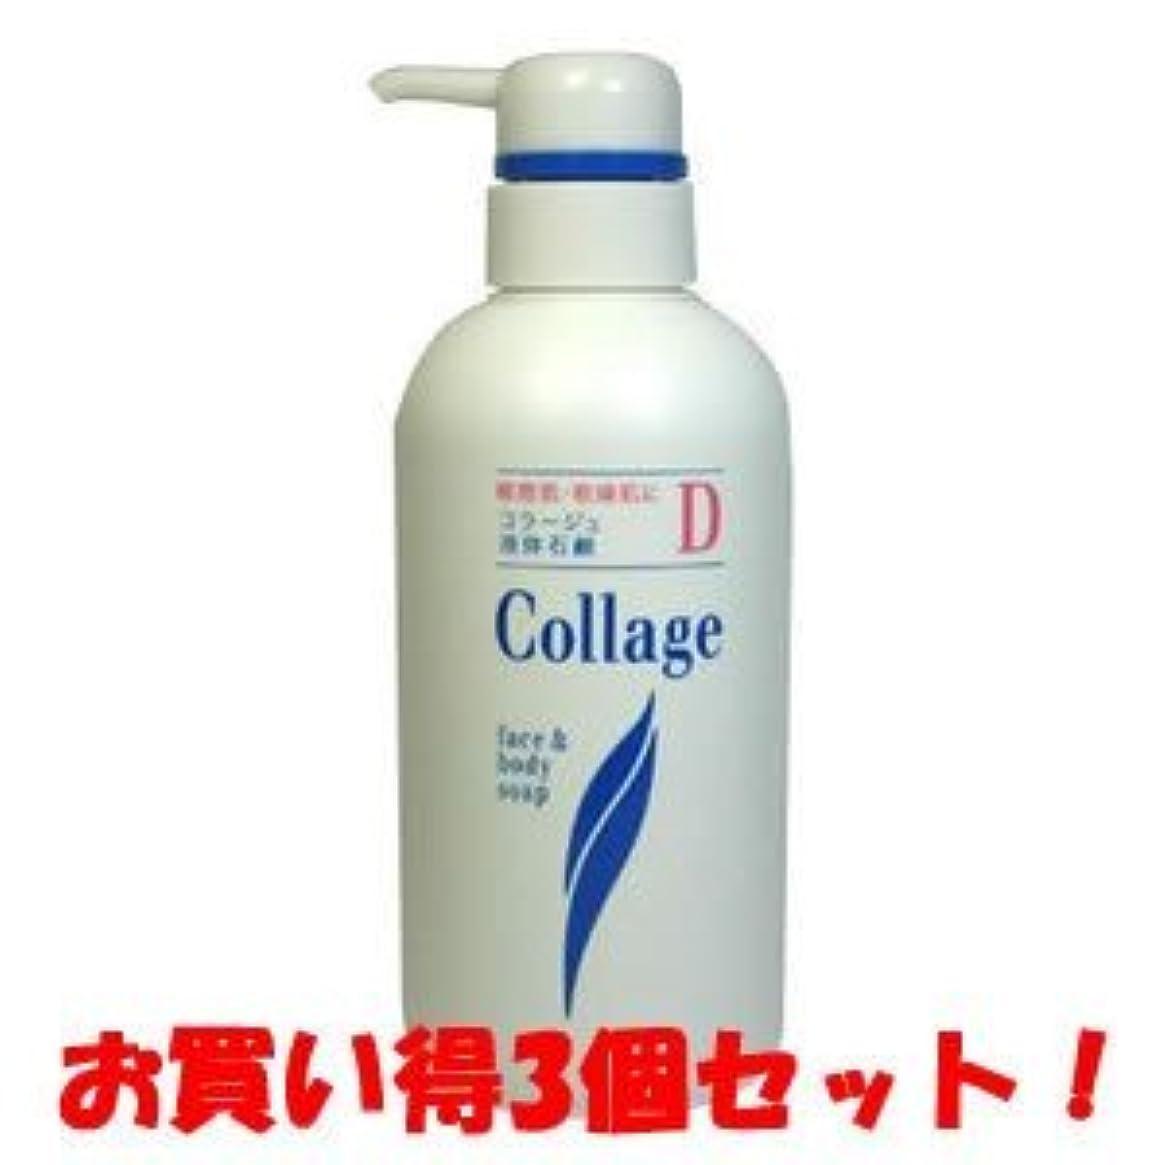 無視するステーキ教育(持田ヘルスケア)コラージュD 液体石鹸 敏感肌?乾燥肌 400ml(お買い得3個セット)